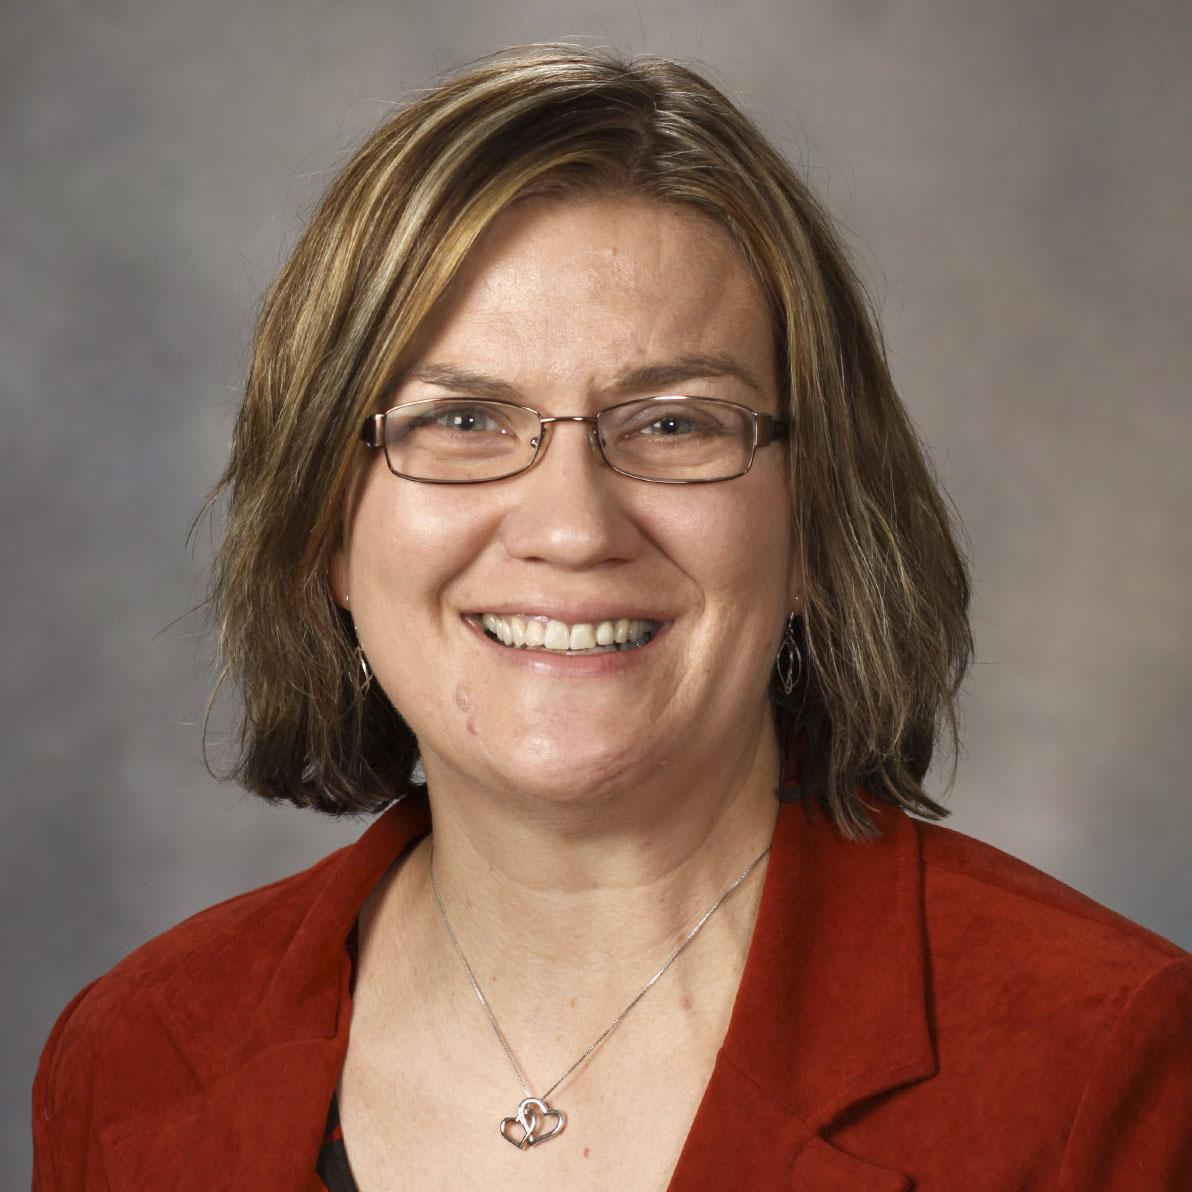 Sylvia Belford